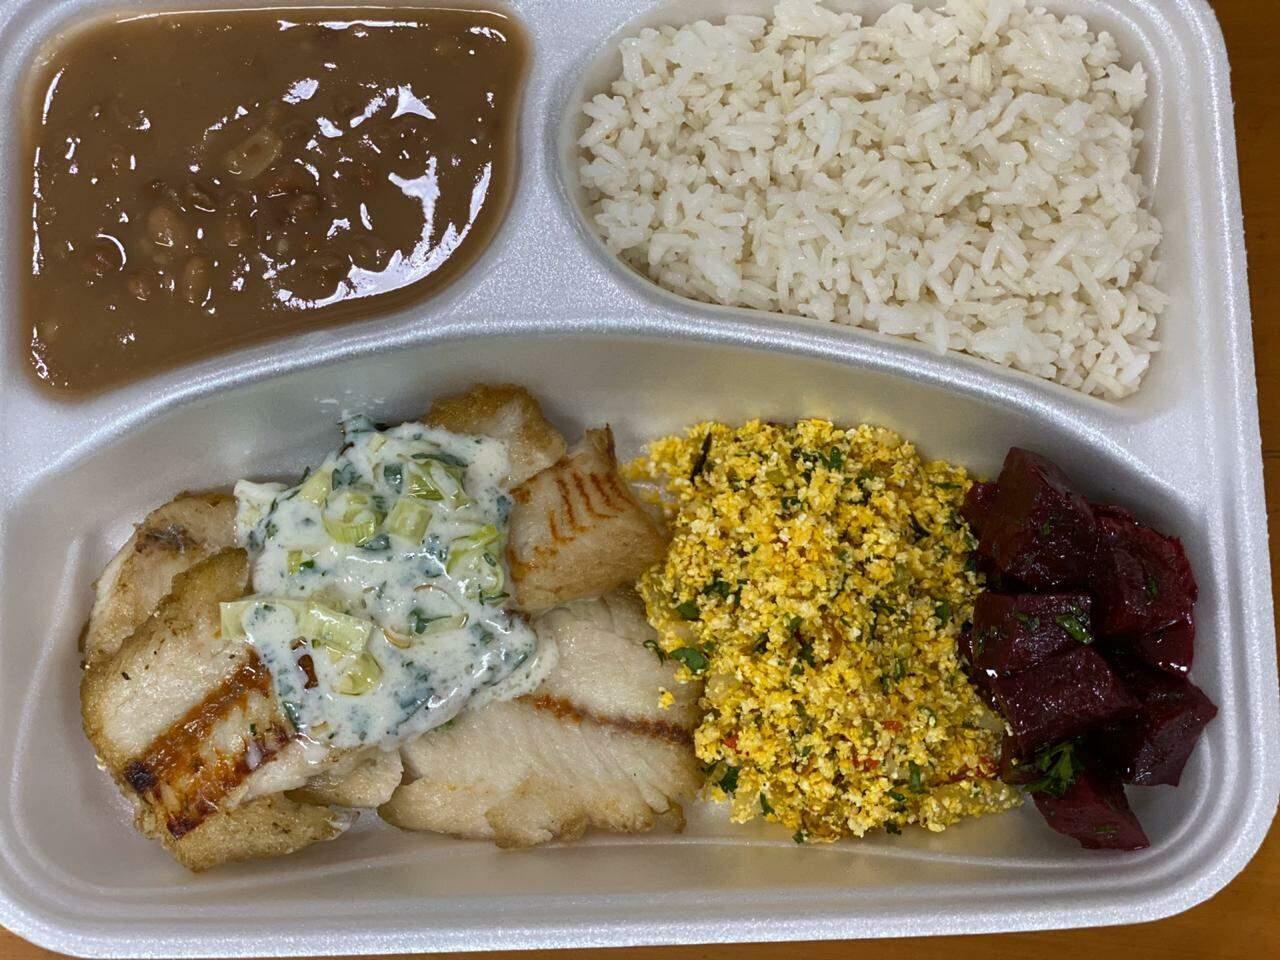 Marmita com filé de peixe grelhado ao molho de alho poró, arroz branco, feijão carioca, farofa de maracujá e beterraba cozida. (Foto: Arquivo pessoal)